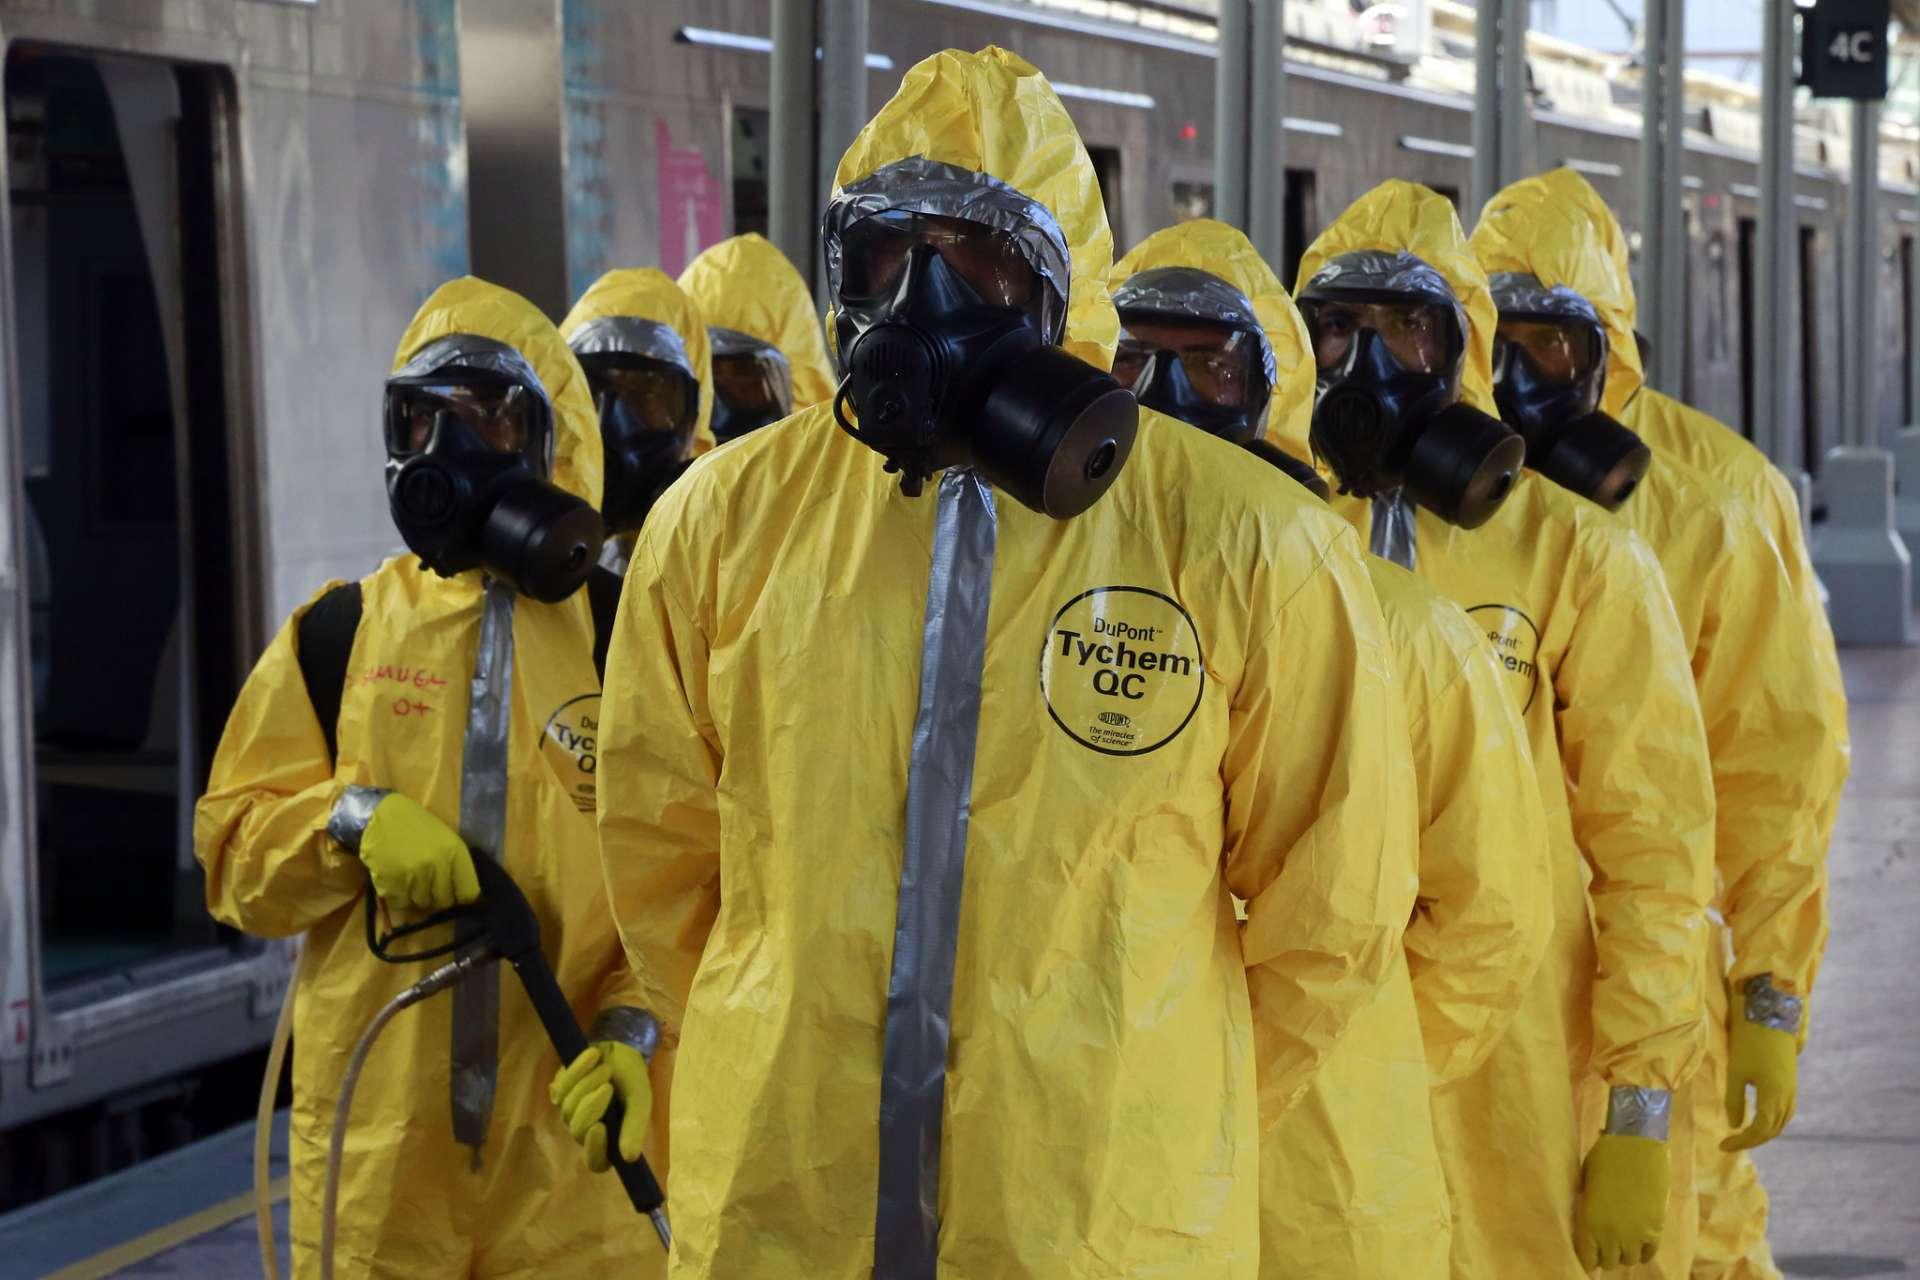 Militares fazem ação de desinfecção da Central do Brasil para evitar o contágio por coronavírus. Foto: Marcos de Paula / Prefeitura do Rio